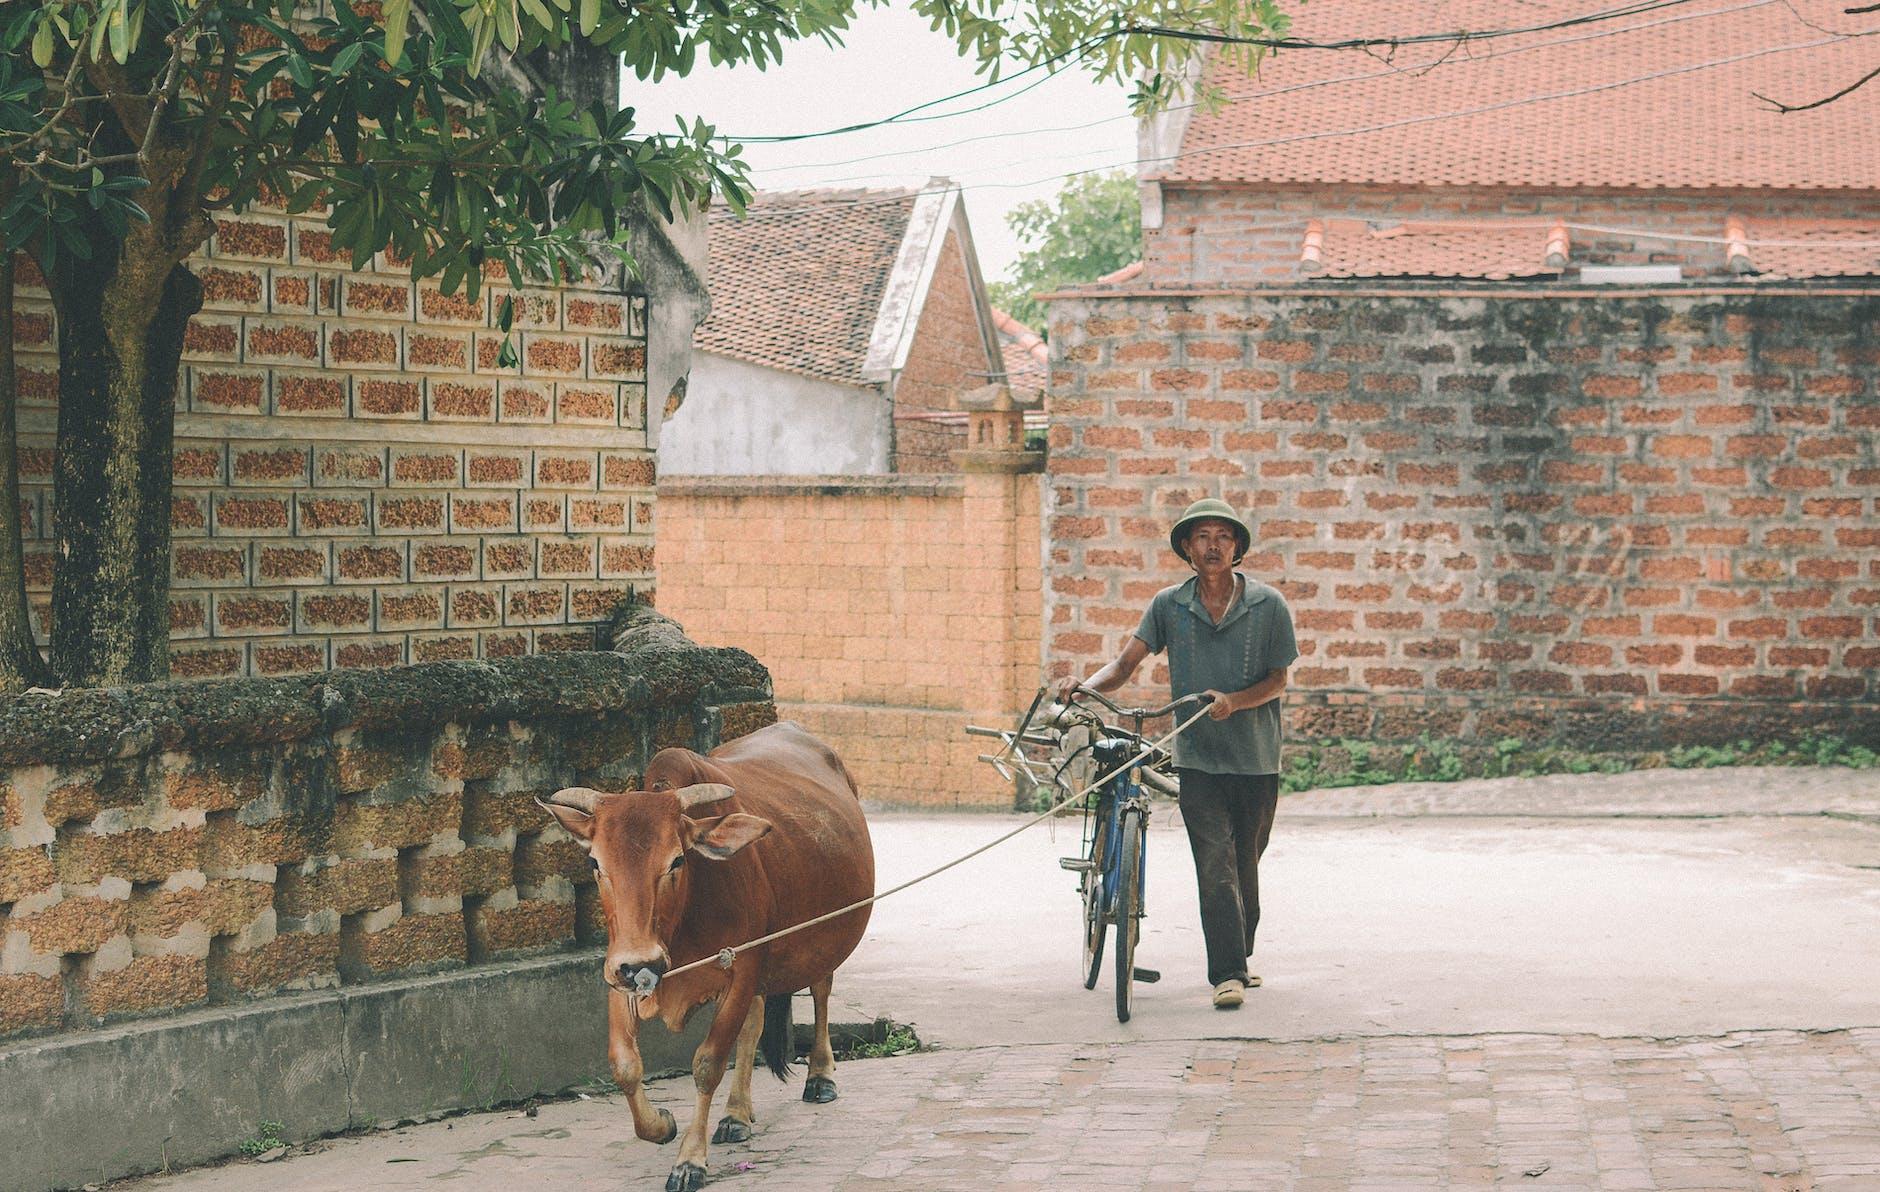 गांव में पैसे कमाने का आसान तरीका